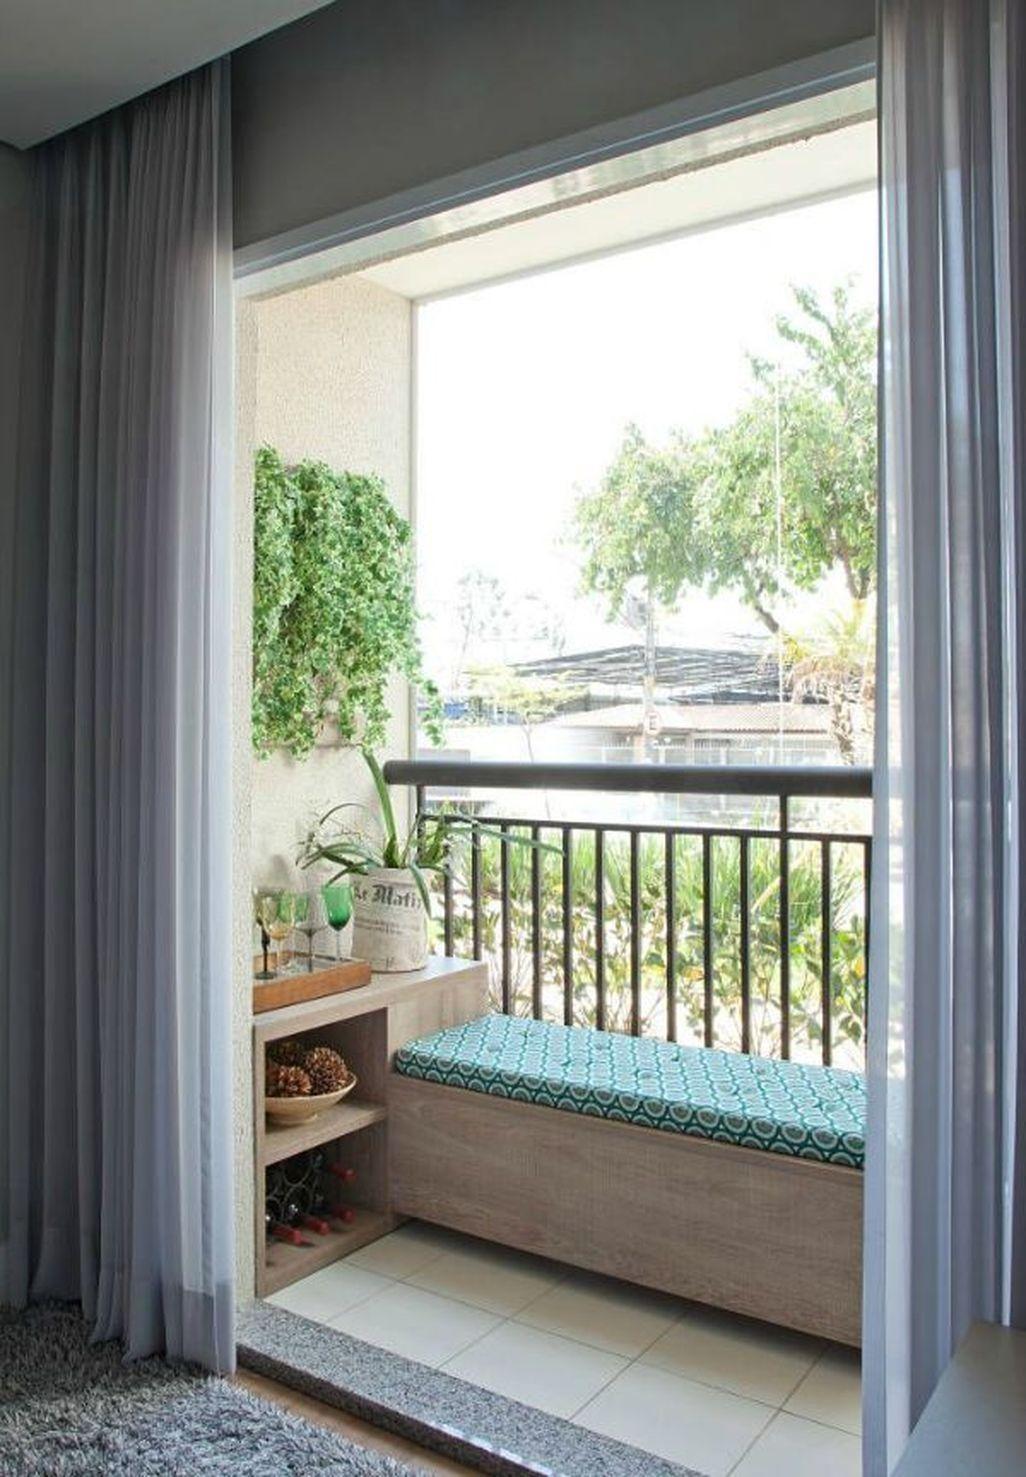 33+ Balcony living room design ideas